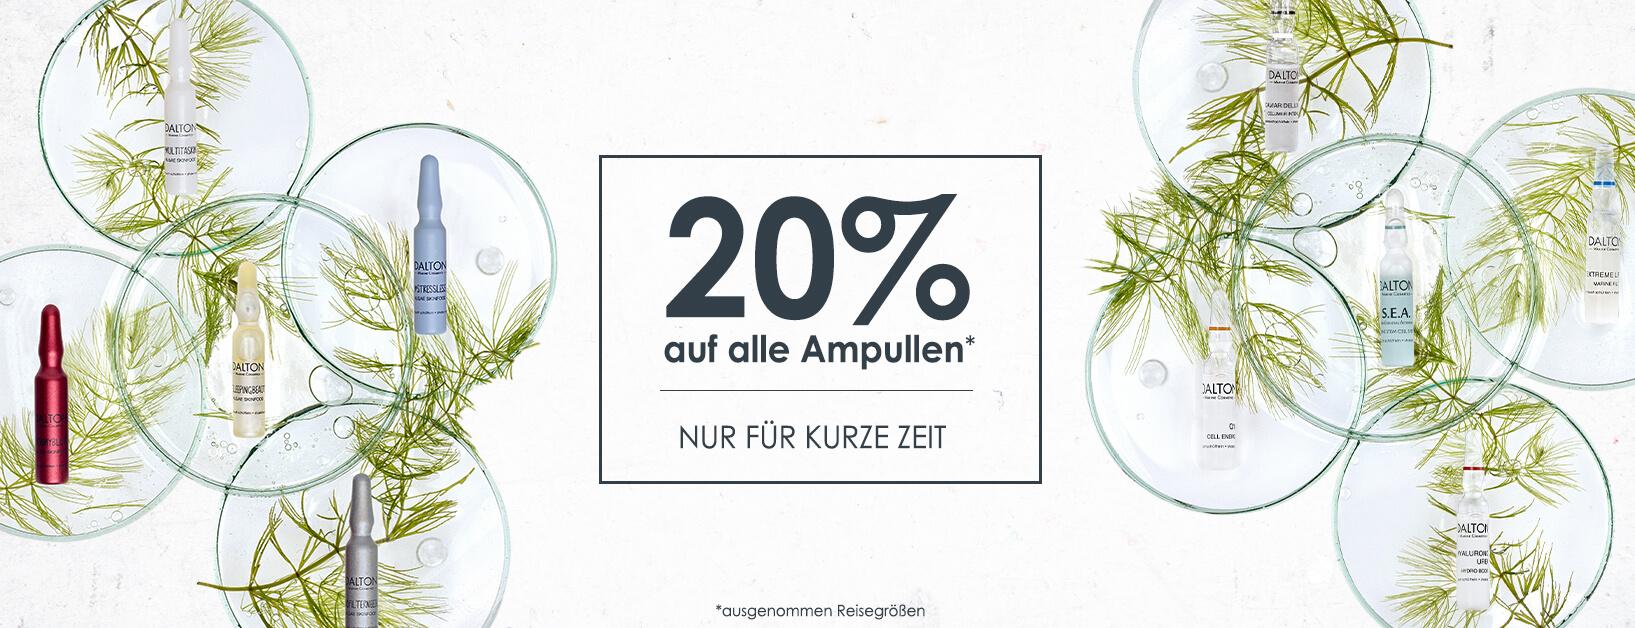 Jetzt 20% auf alle Ampullen sparen